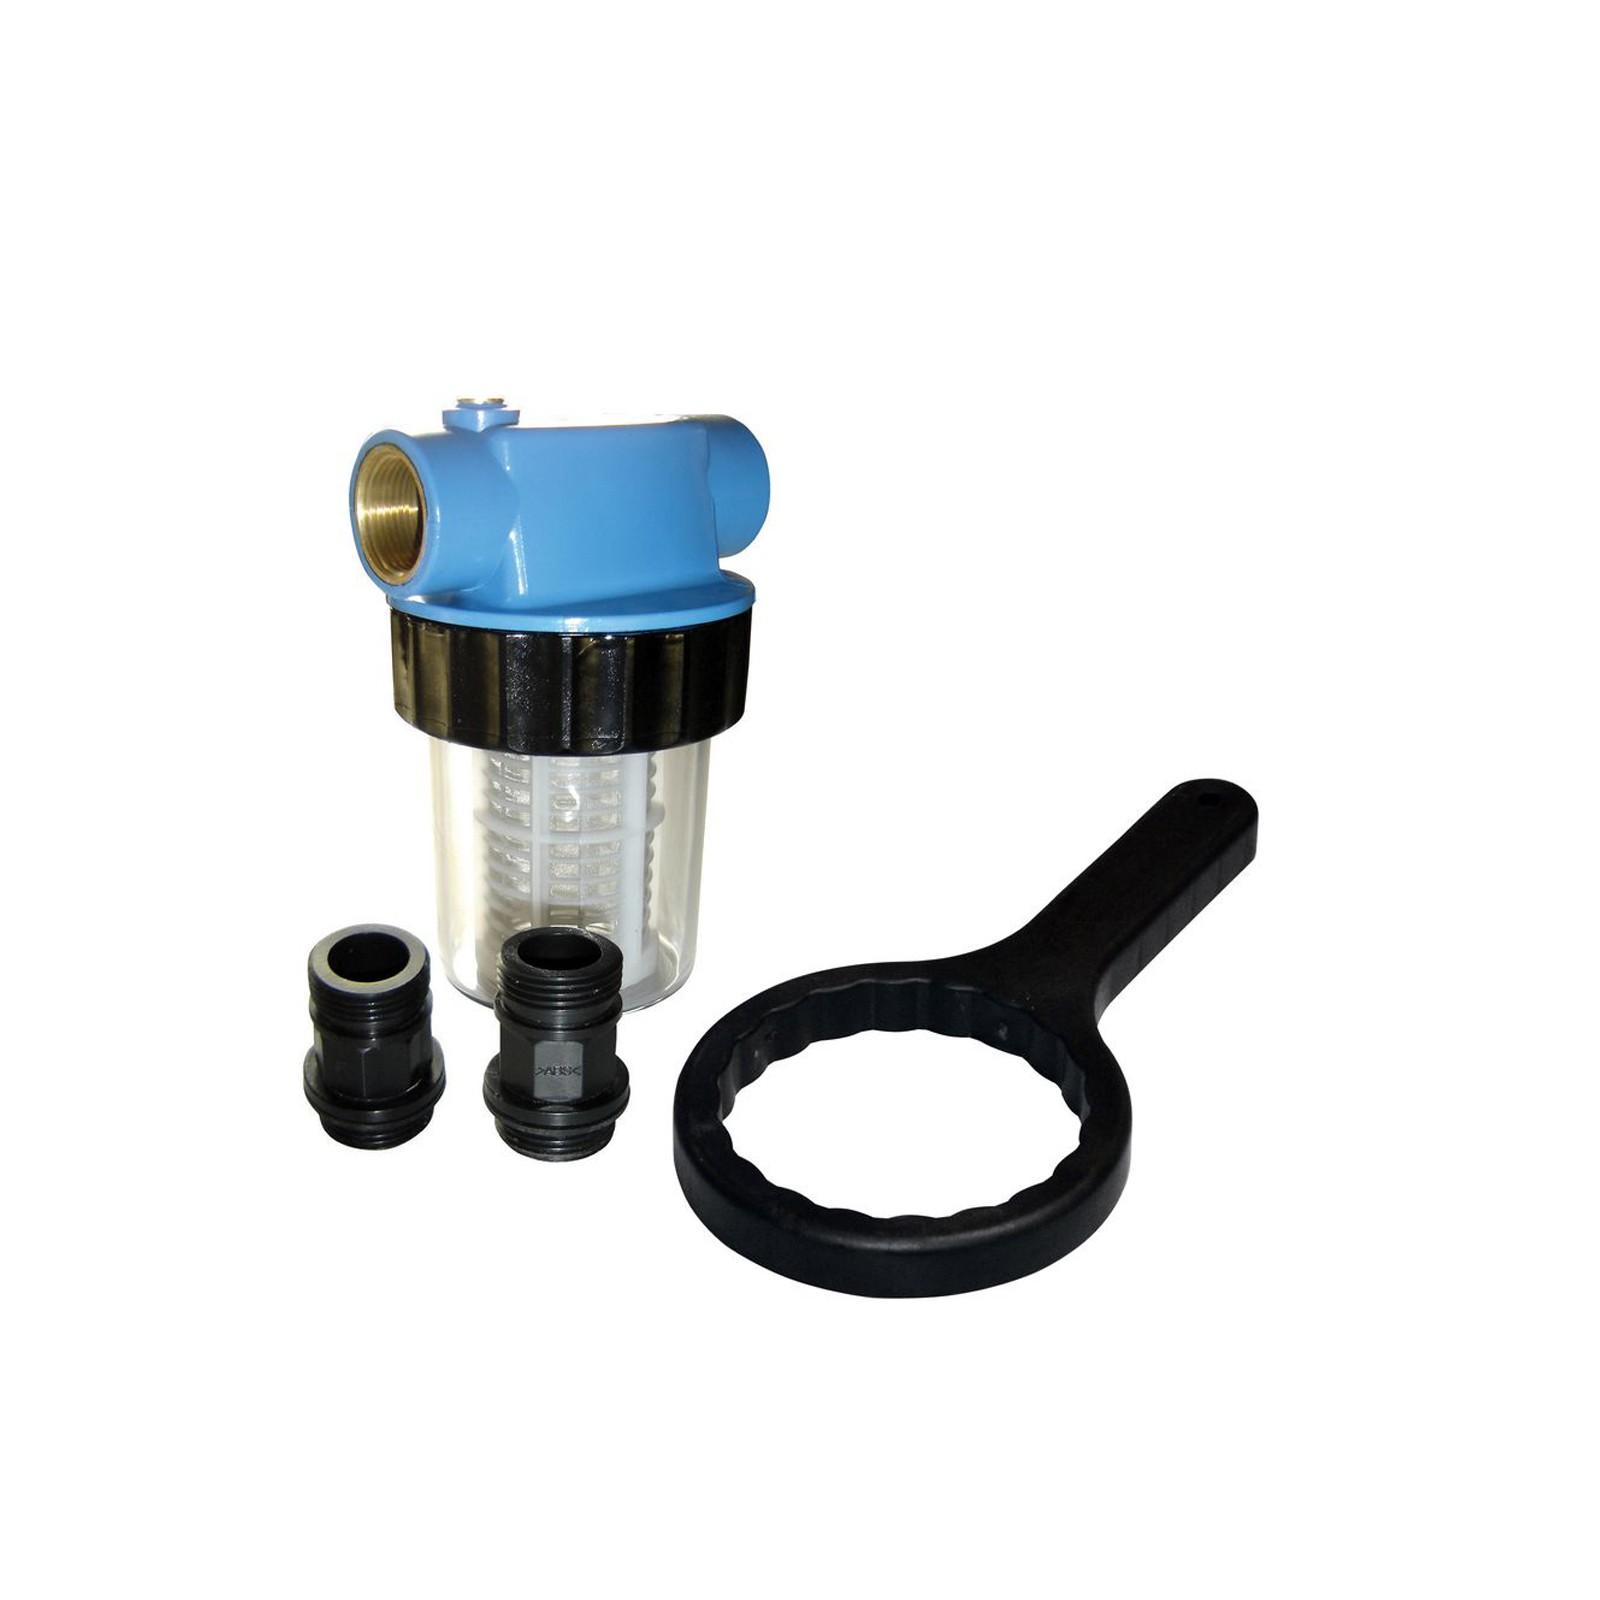 g de wasserfilter vorfilter filter kurz f r hauswasserwerk und gartenpumpen ebay. Black Bedroom Furniture Sets. Home Design Ideas